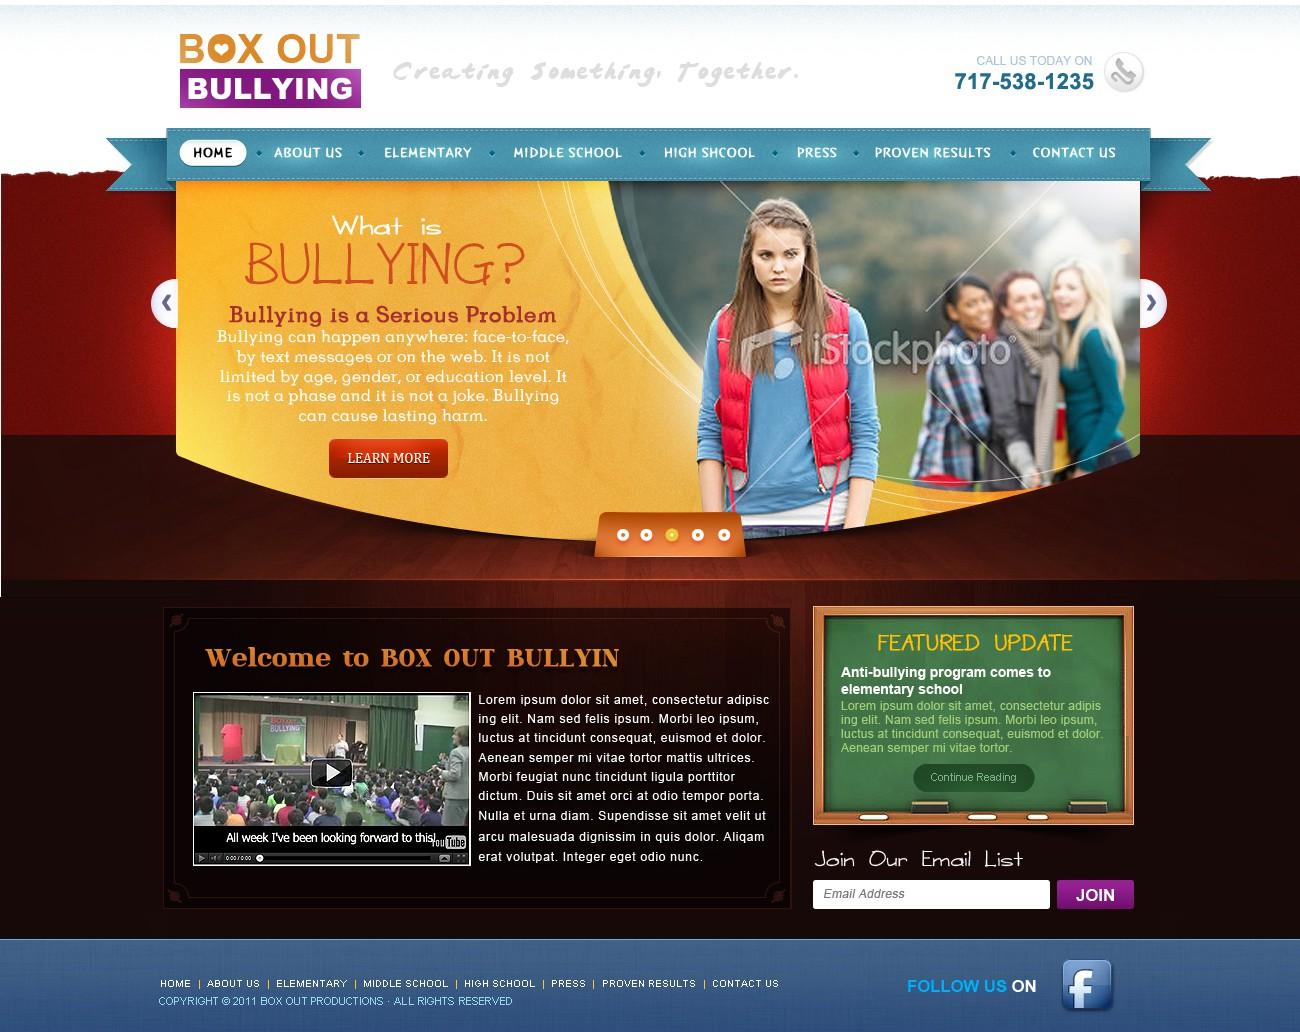 Website re-design for Anti-Bullying Prevention Assembly Program